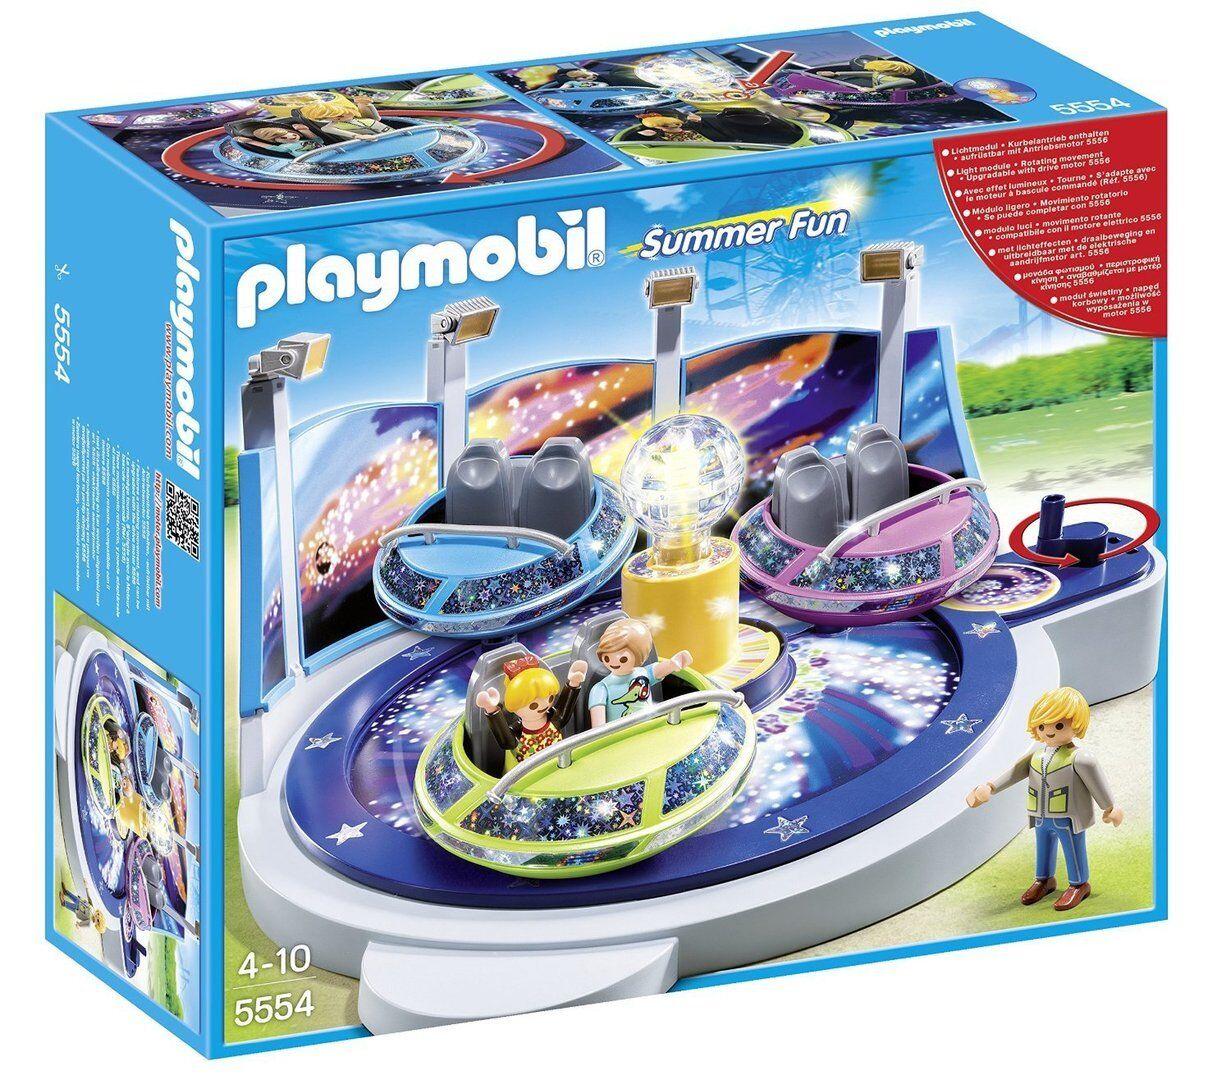 Playmobil 5554 - Atracción de Naves Giratorias con Luces - NUEVO